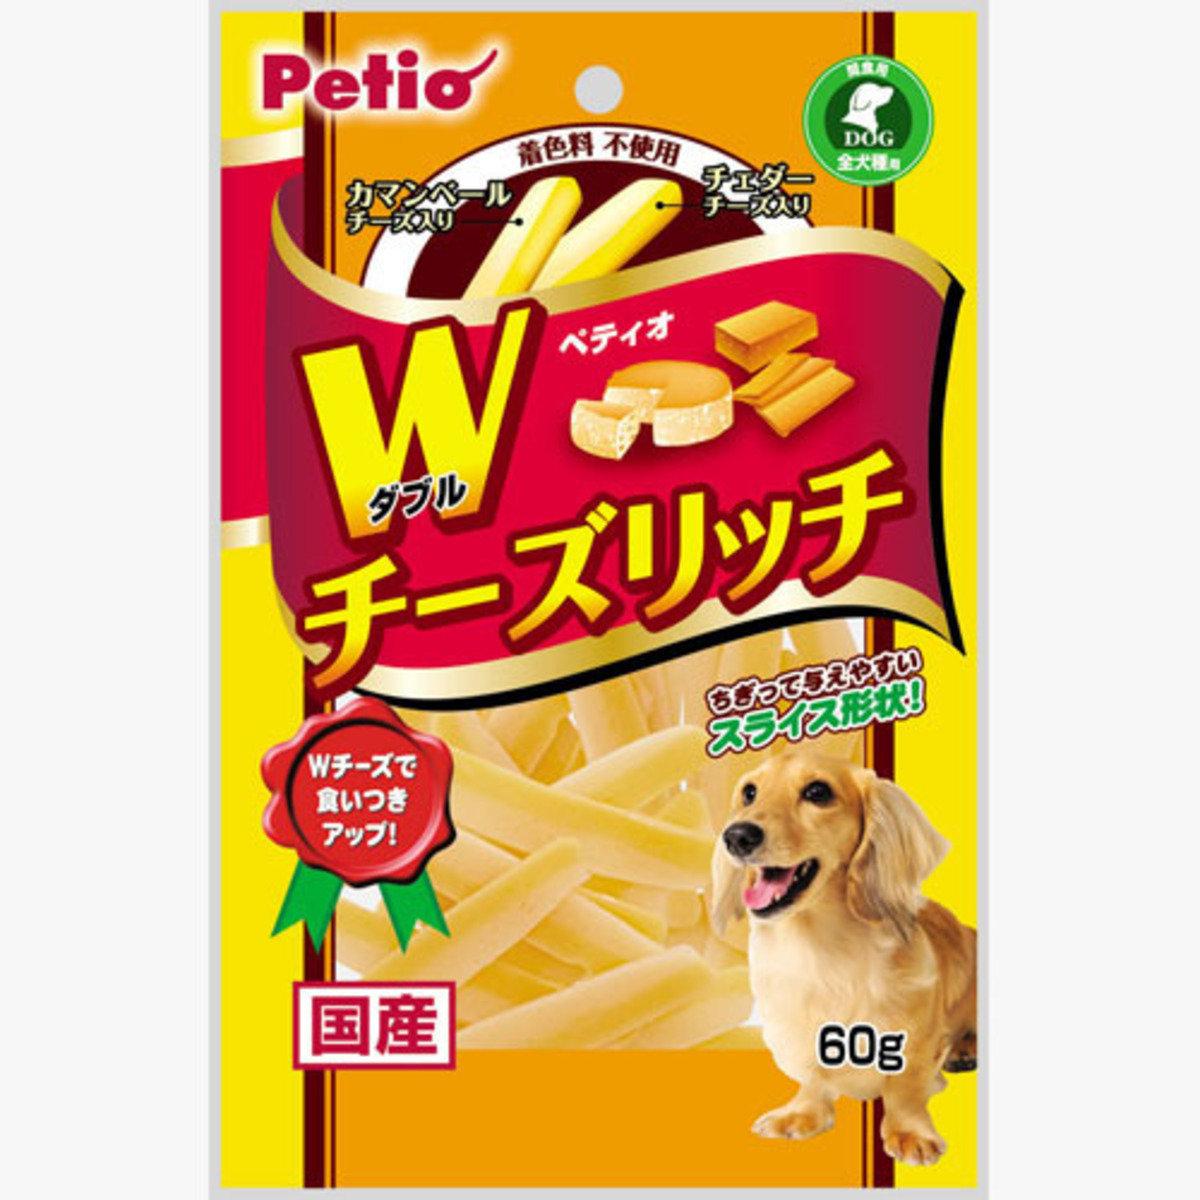 狗小食雙重口味芝士棒(W11662)